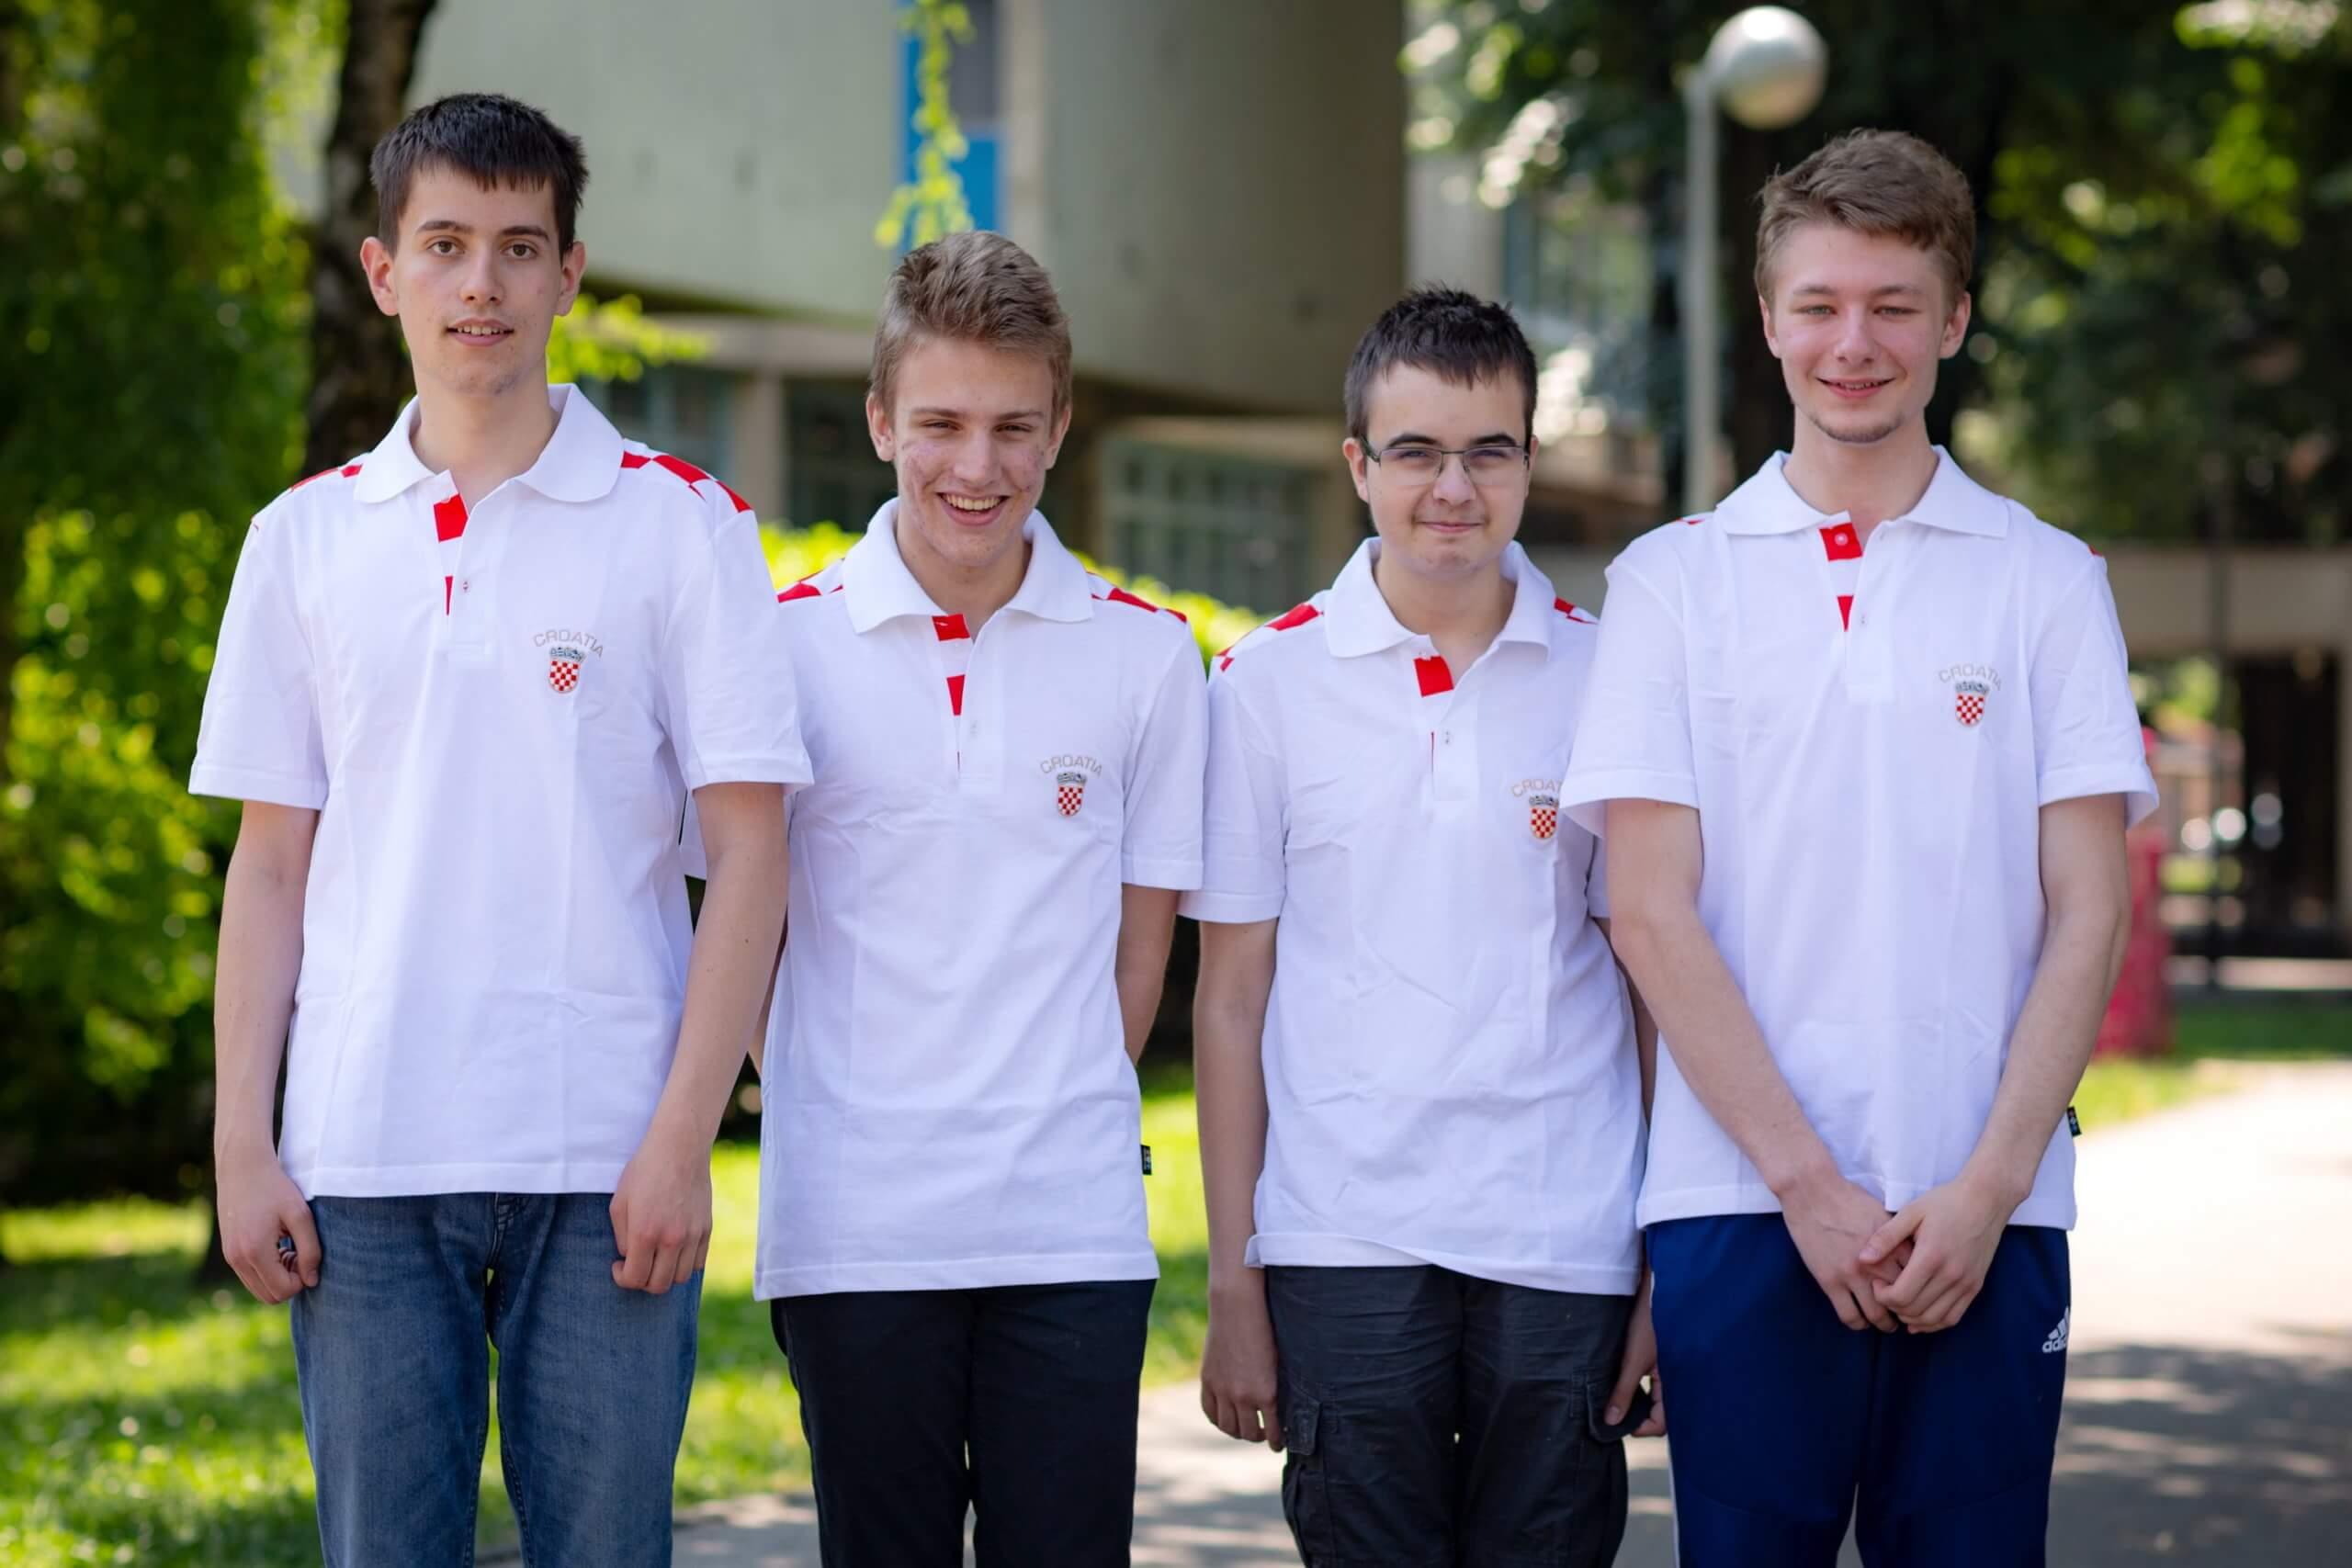 Fenomenalan uspjeh naših učenika: Na velikom natjecanju osvojili čak sedam medalja